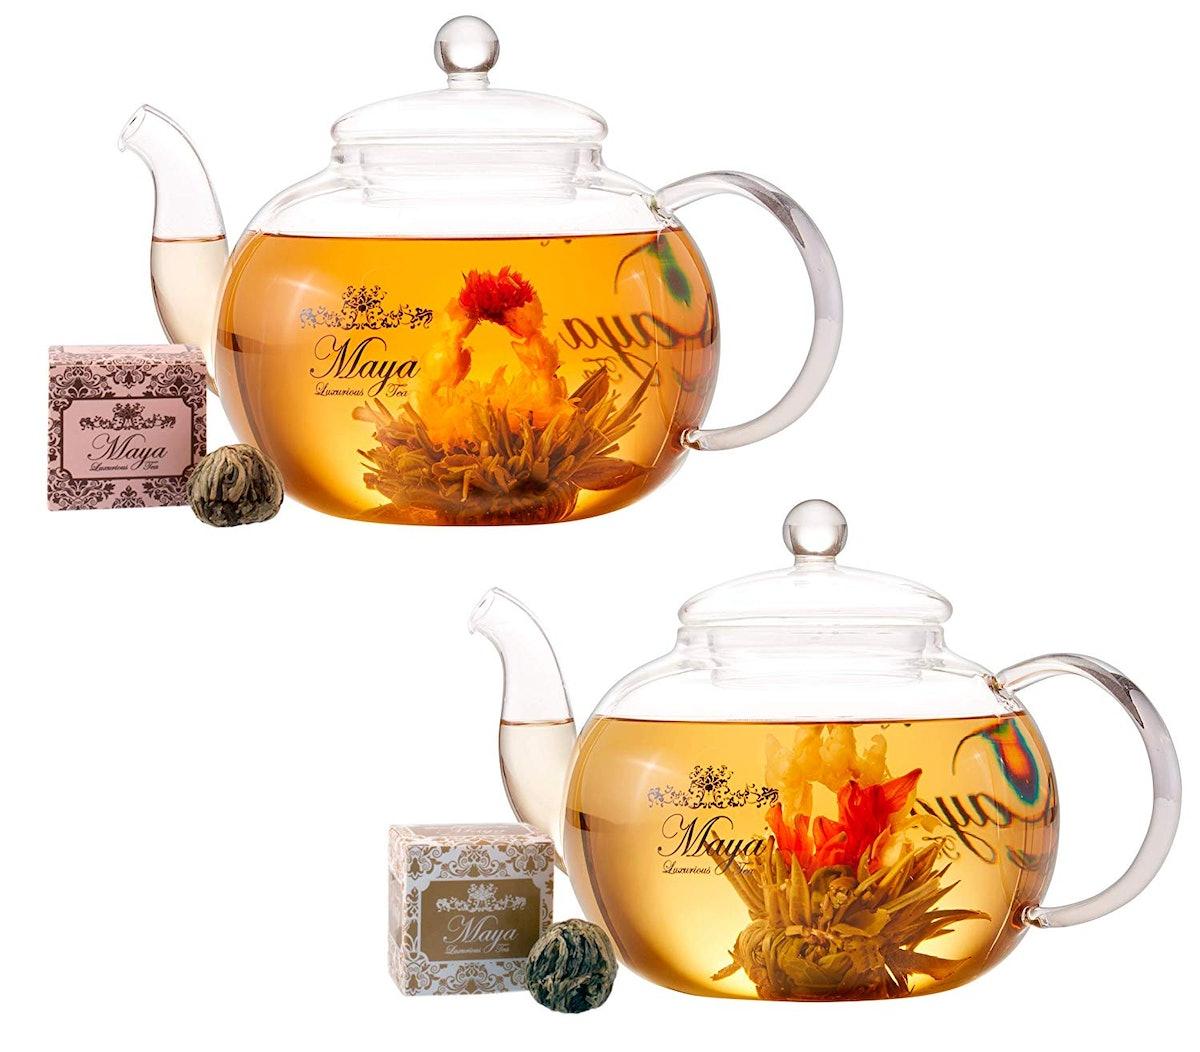 MAYA LUXURIOUS Blooming Tea (12 Pack)